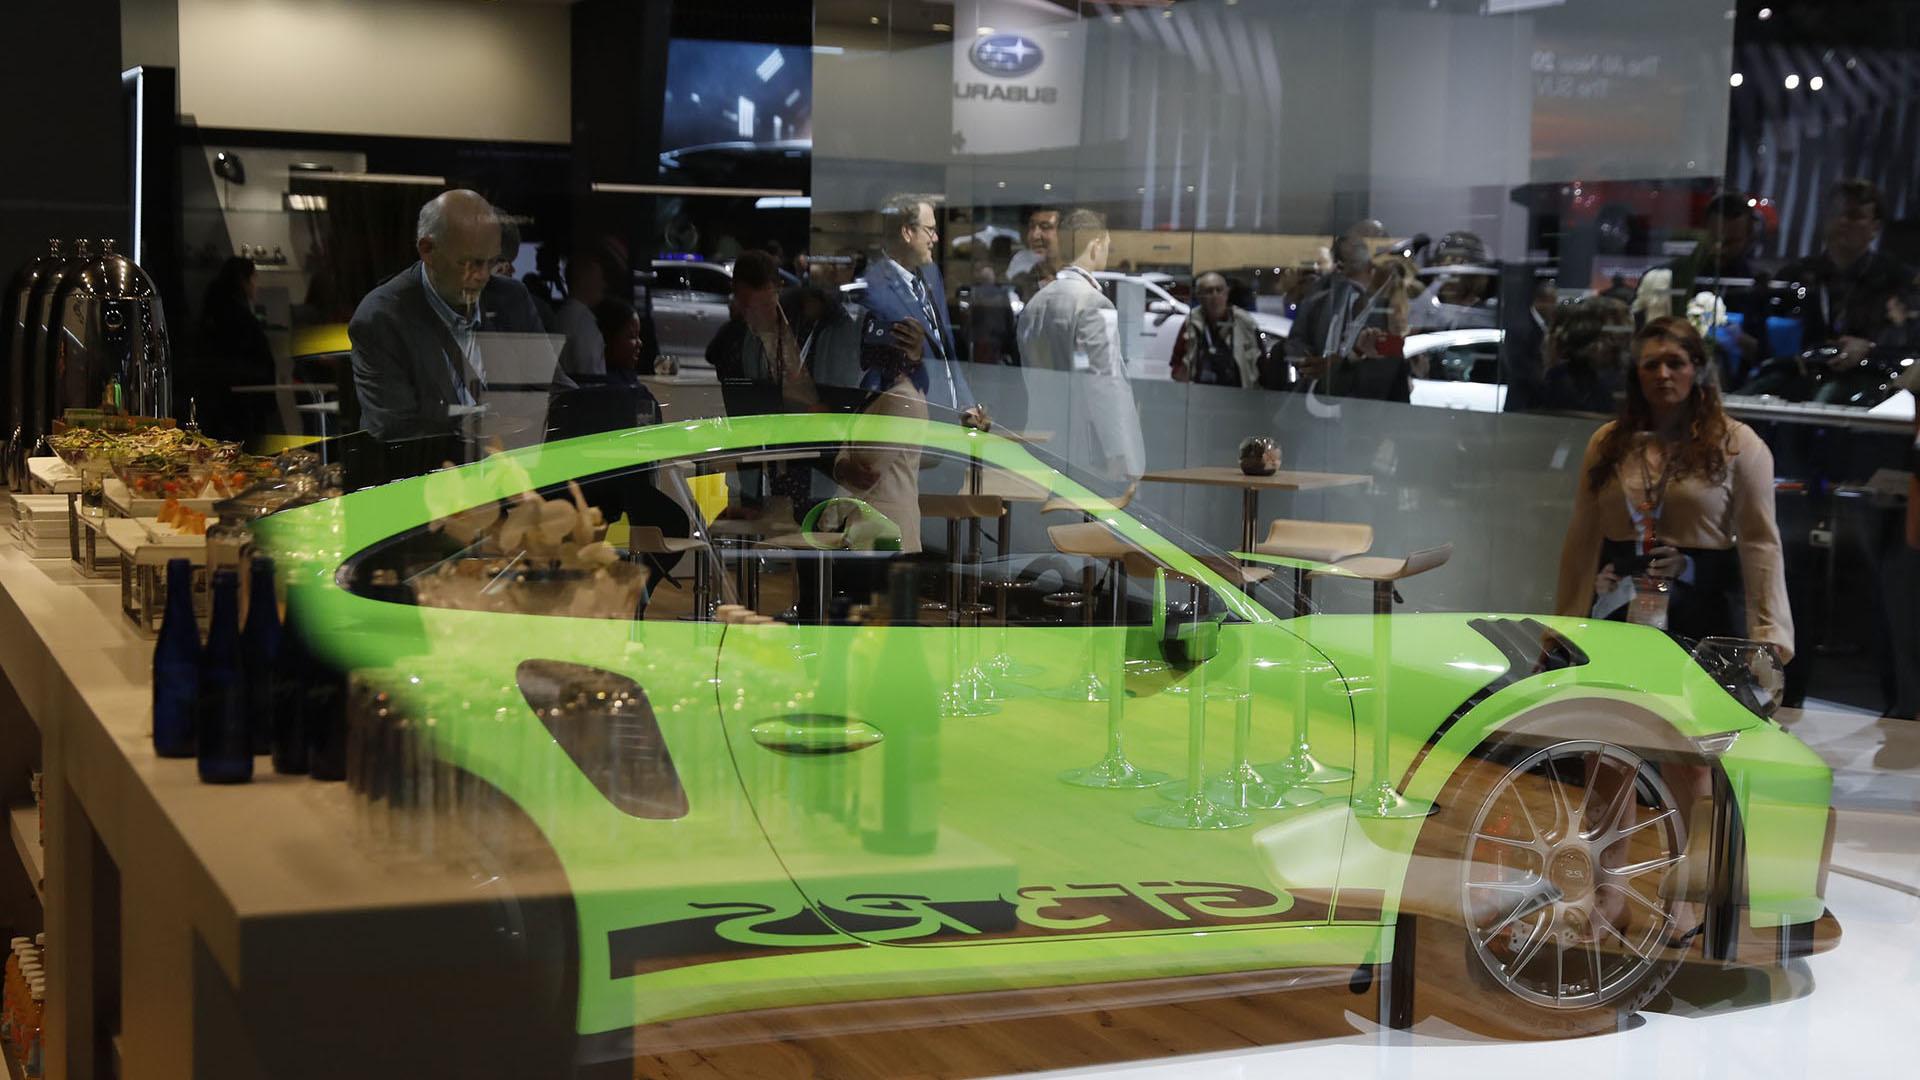 El Salón de Nueva York cierra un marzo convulsionado en la industria automotriz que comenzó con las novedades desplegadas en el Salón de Ginebra, el de mayor trascendencia del calendario. Durante diez días los ojos del mundo del motor posarán sus ojos en el Jacobs Javits Convention Center